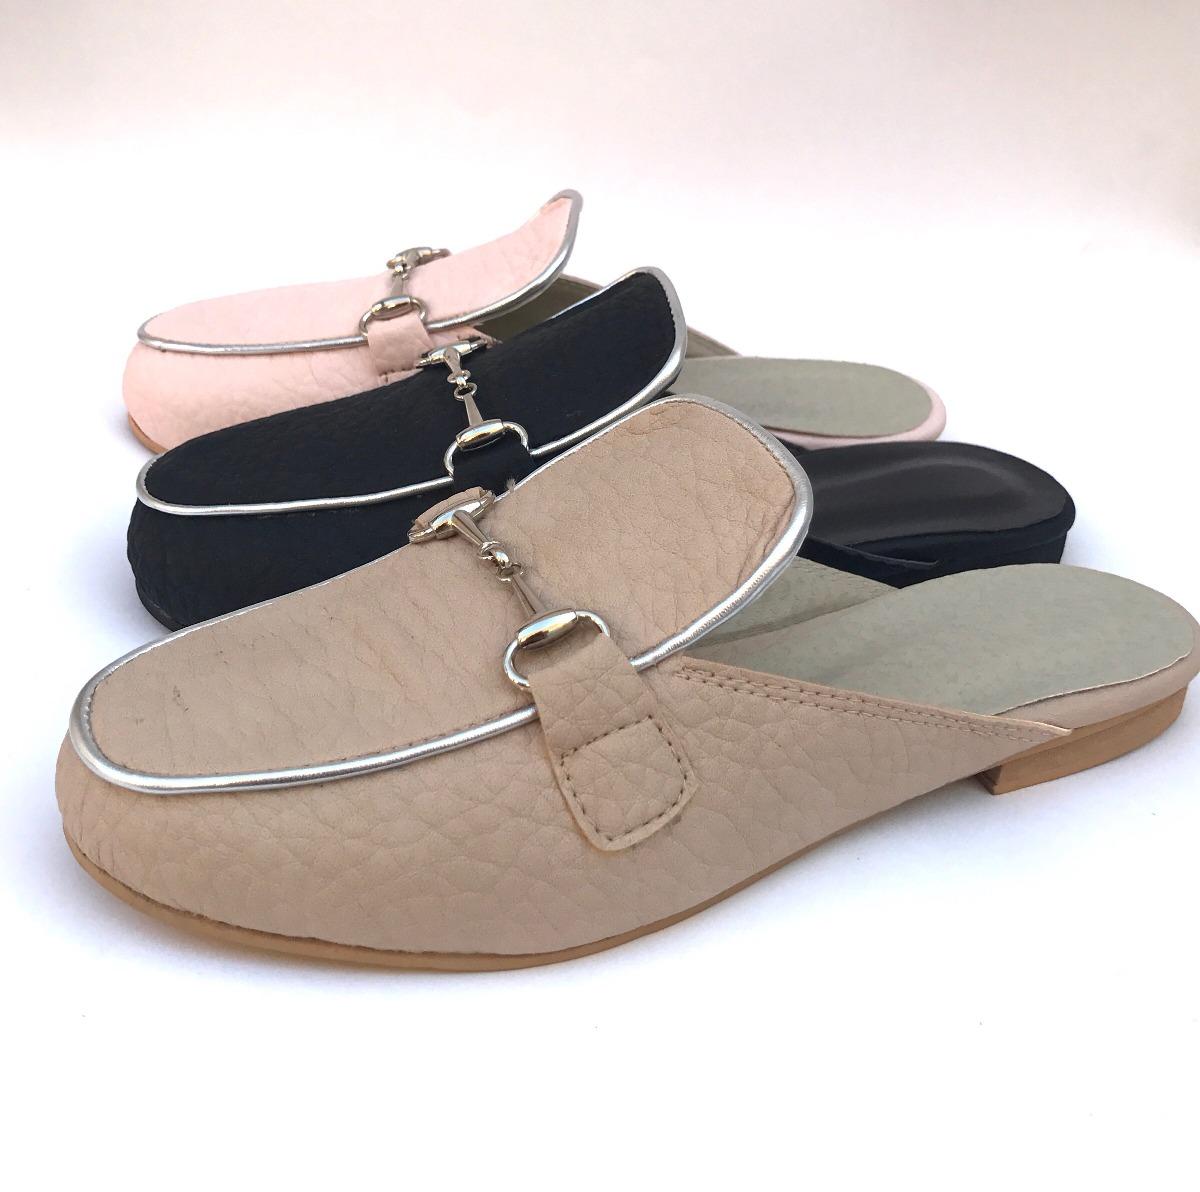 Mercado 545 2018 49 Libre Zapatos Mujer Moda Nude En Zueco xwO6Uq1